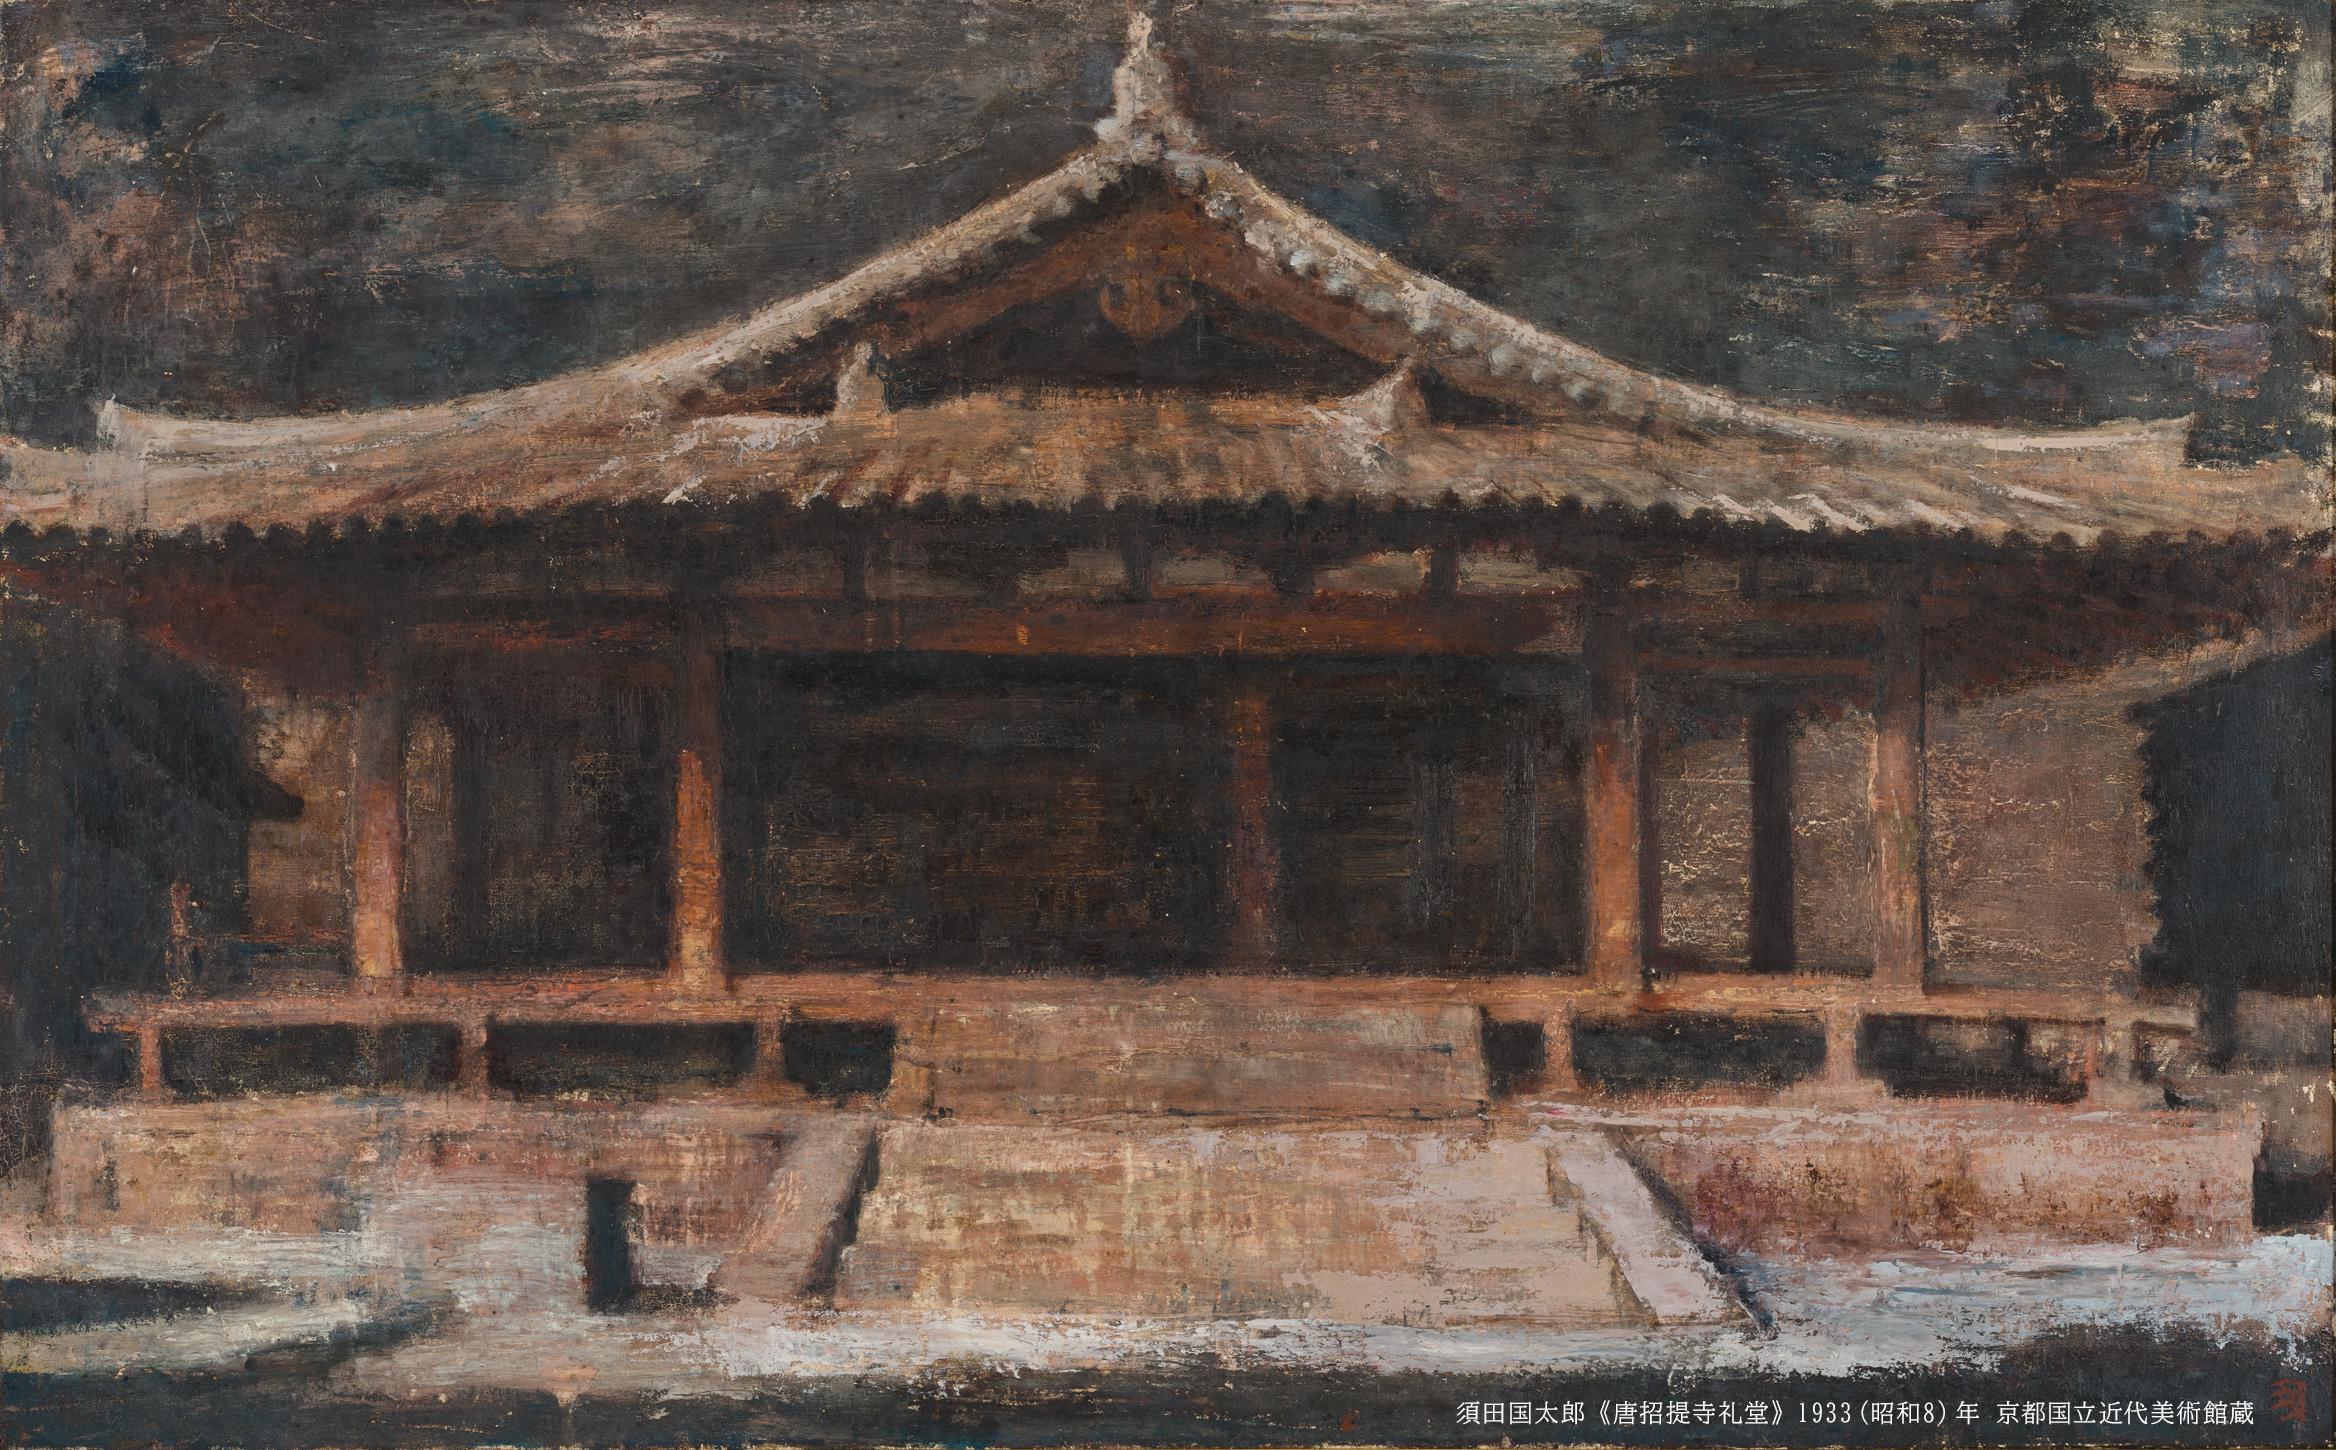 須田国太郎《唐招提寺礼堂》1933(昭和8)年 京都国立近代美術館蔵